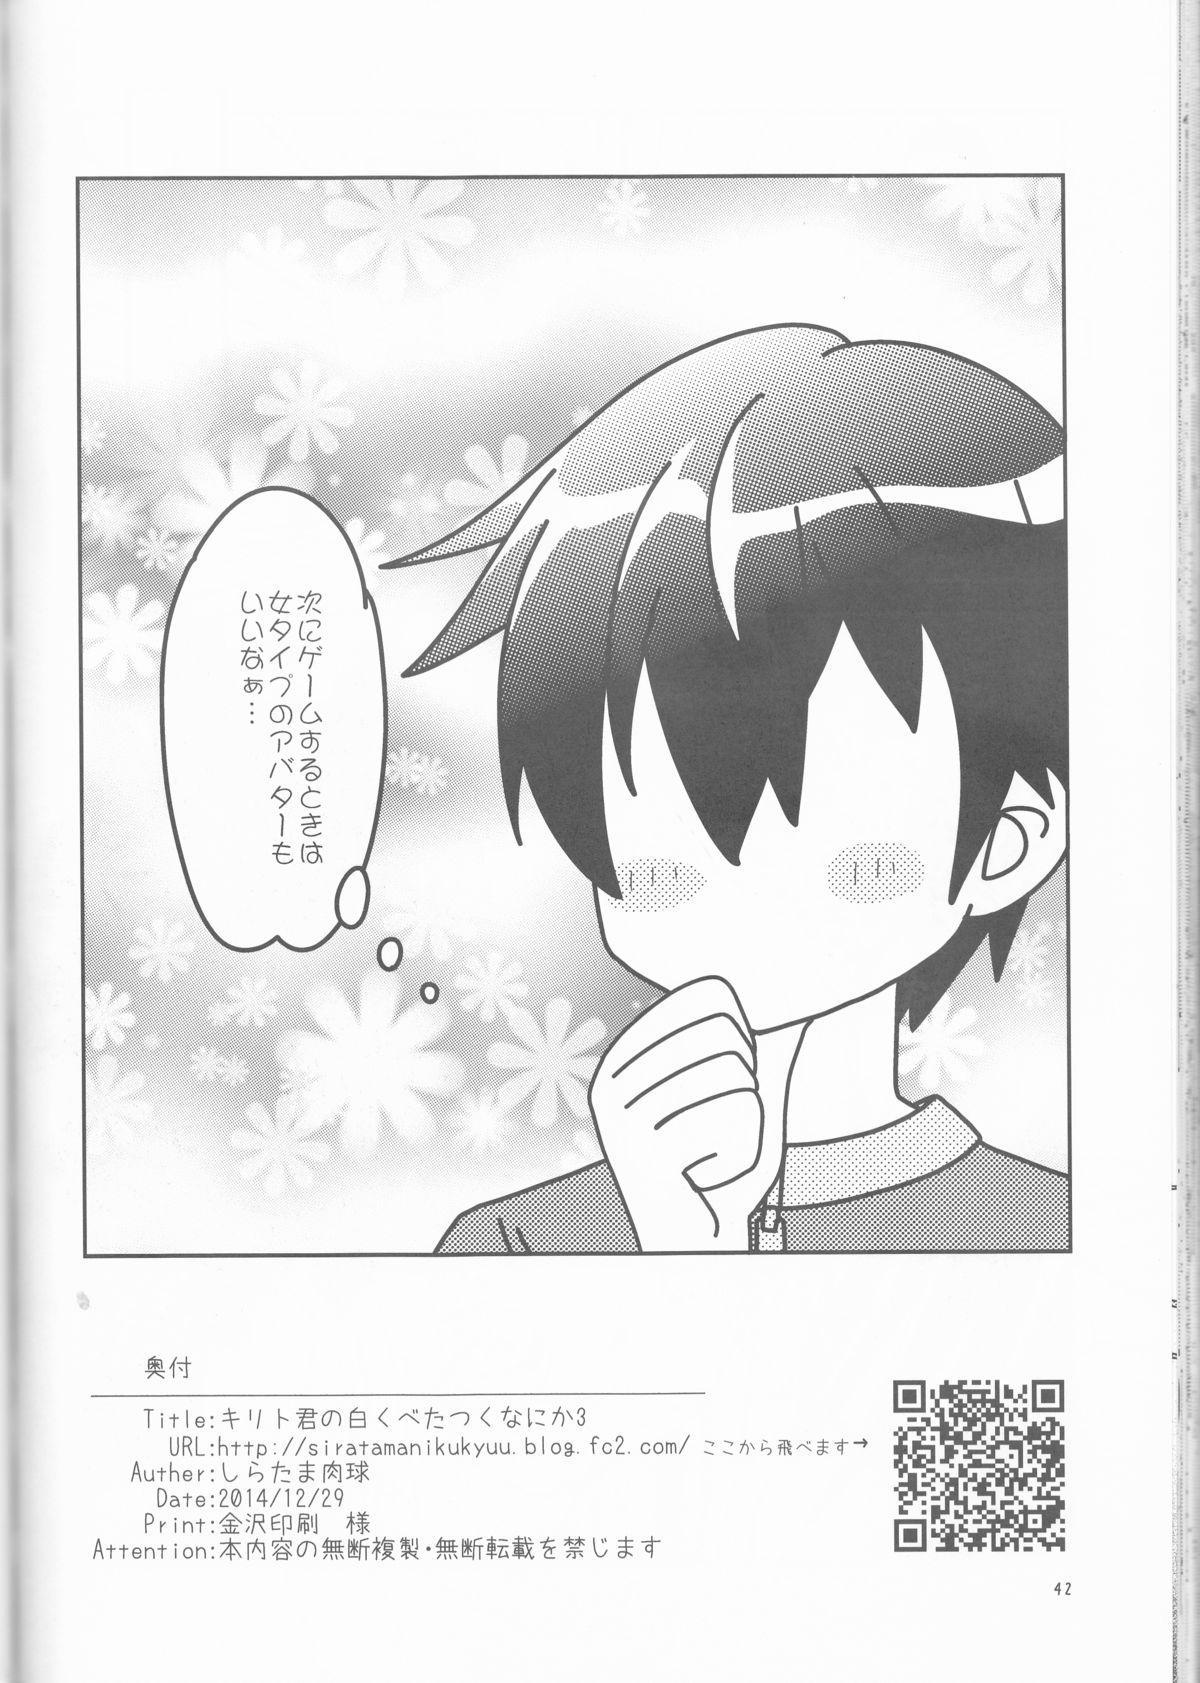 Kirito-kun no shiroku betatsuku nani ka 3 41